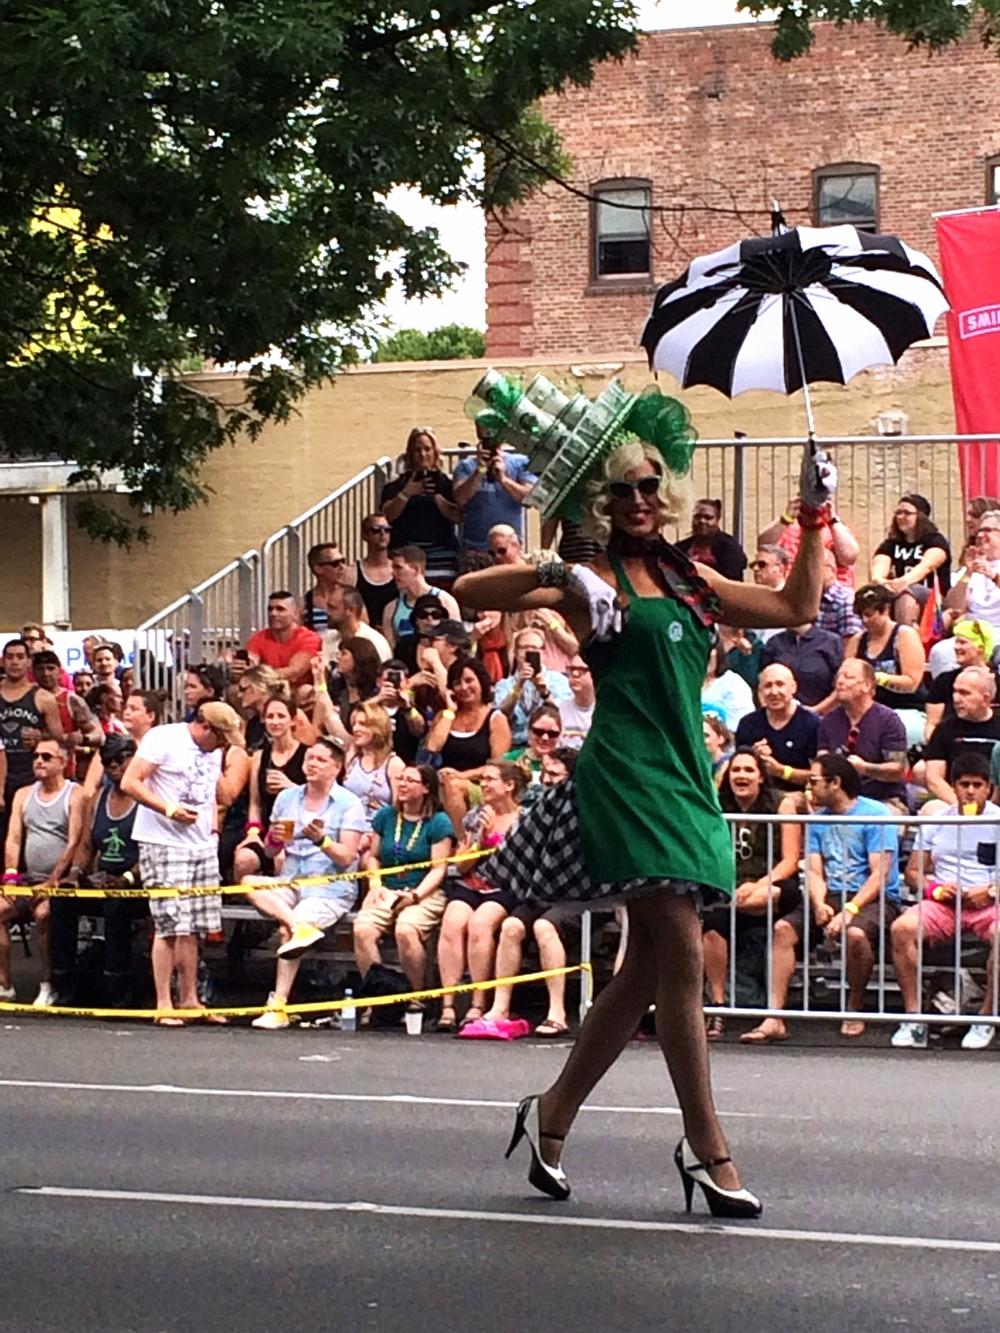 Starbucks drag queen!